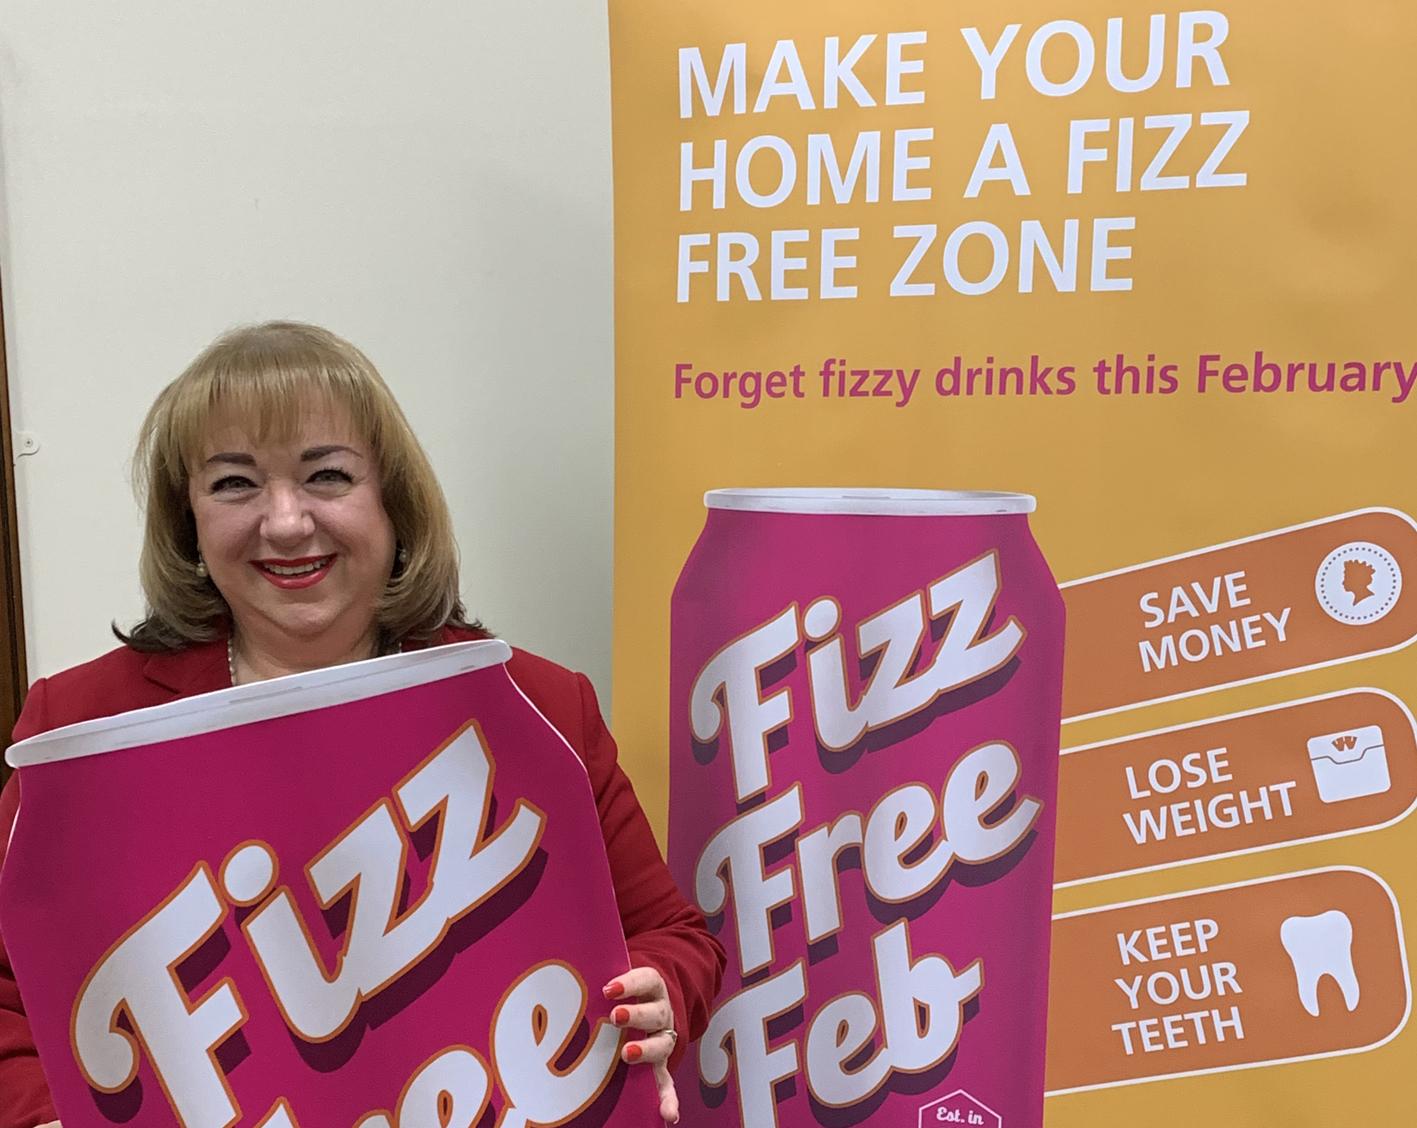 2019_02_01_Fizz_Free_Feb_cropped.jpg